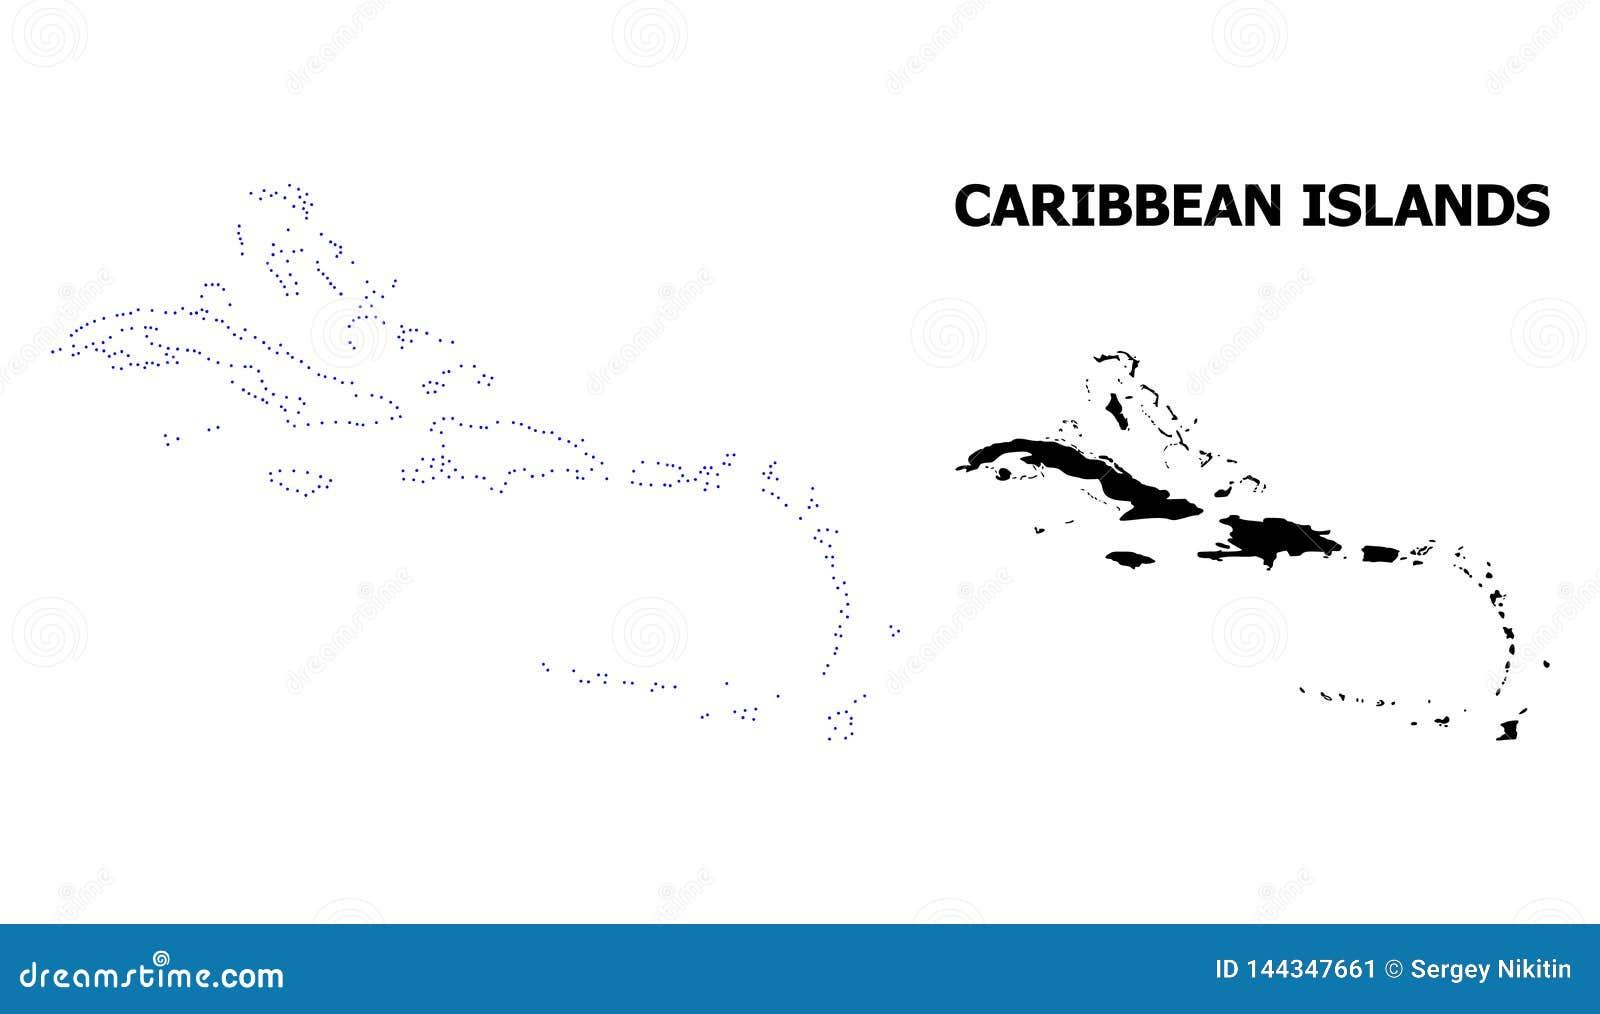 Διανυσματικός διαστιγμένος περίγραμμα χάρτης των νησιών Καραϊβικής με το όνομα